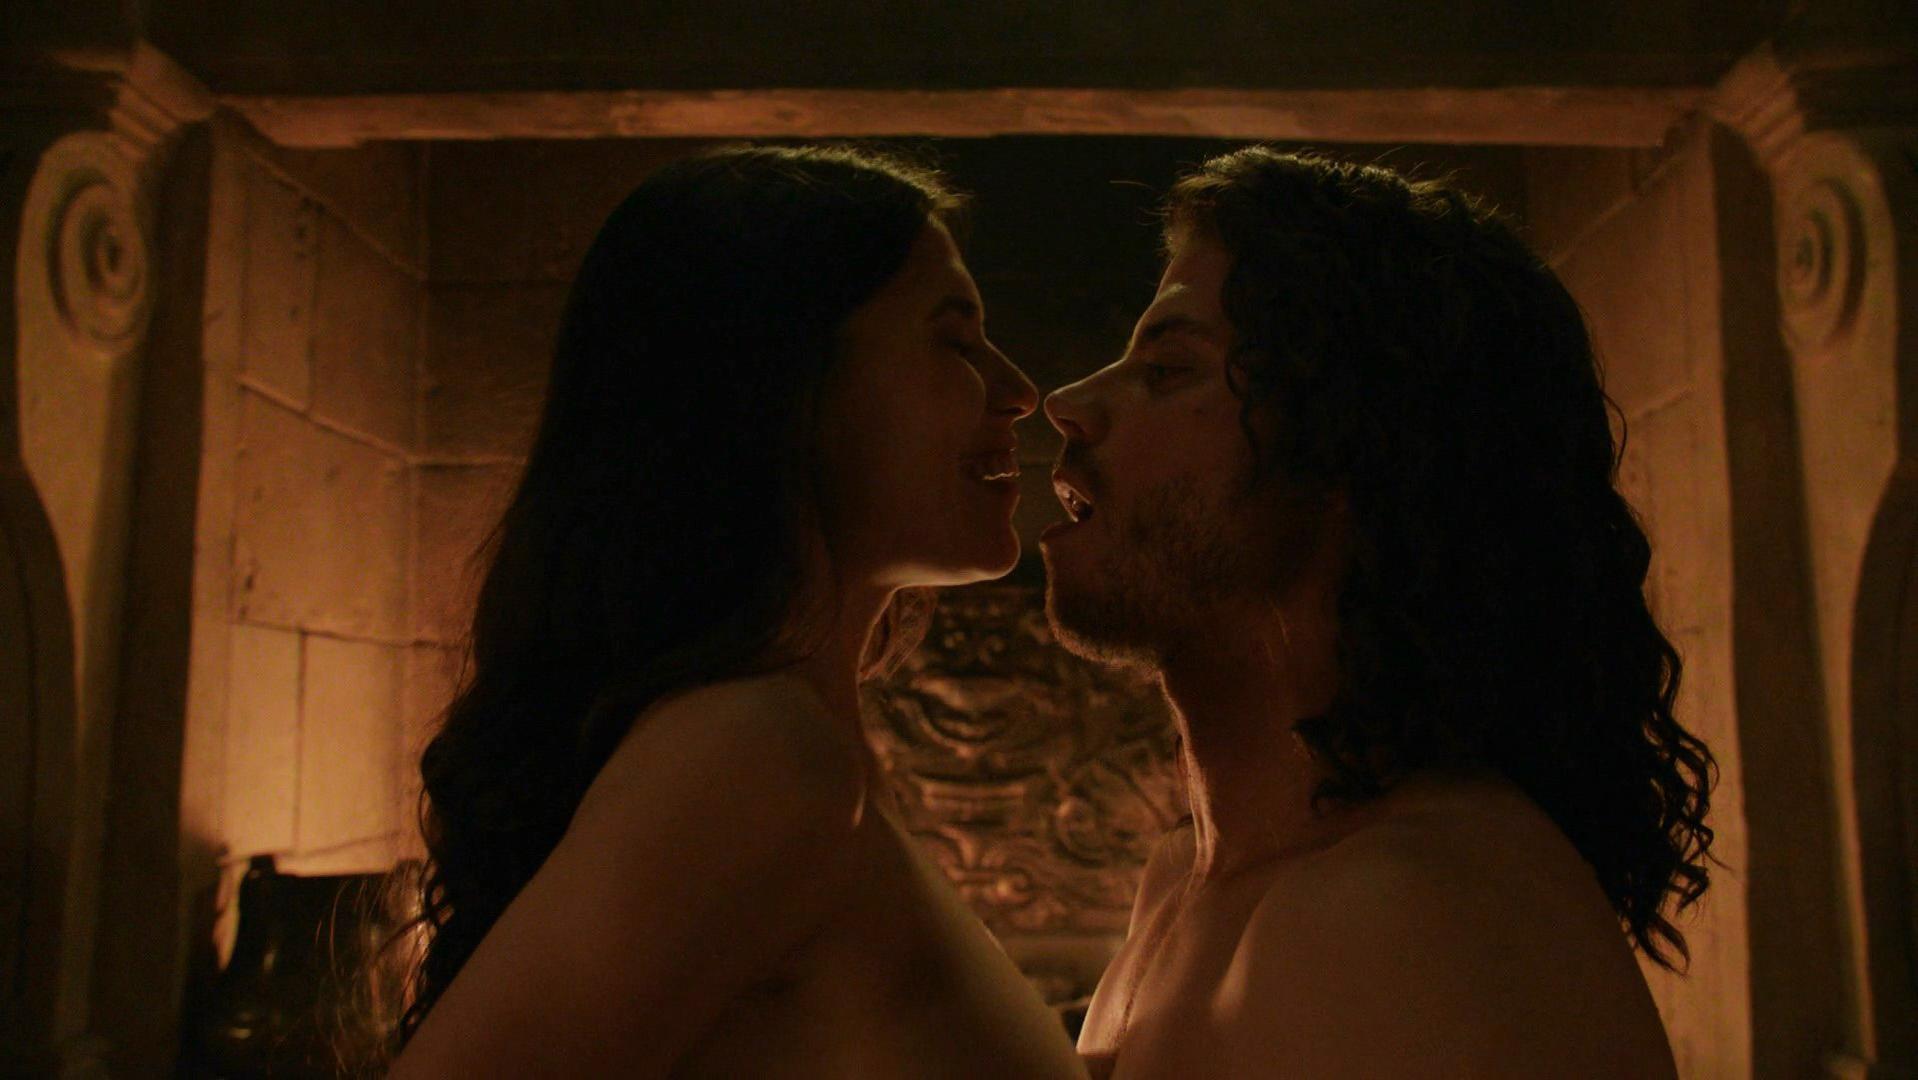 Ana Ularu nude, Melia Kreiling sexy - The Borgias s03e05 (2013)